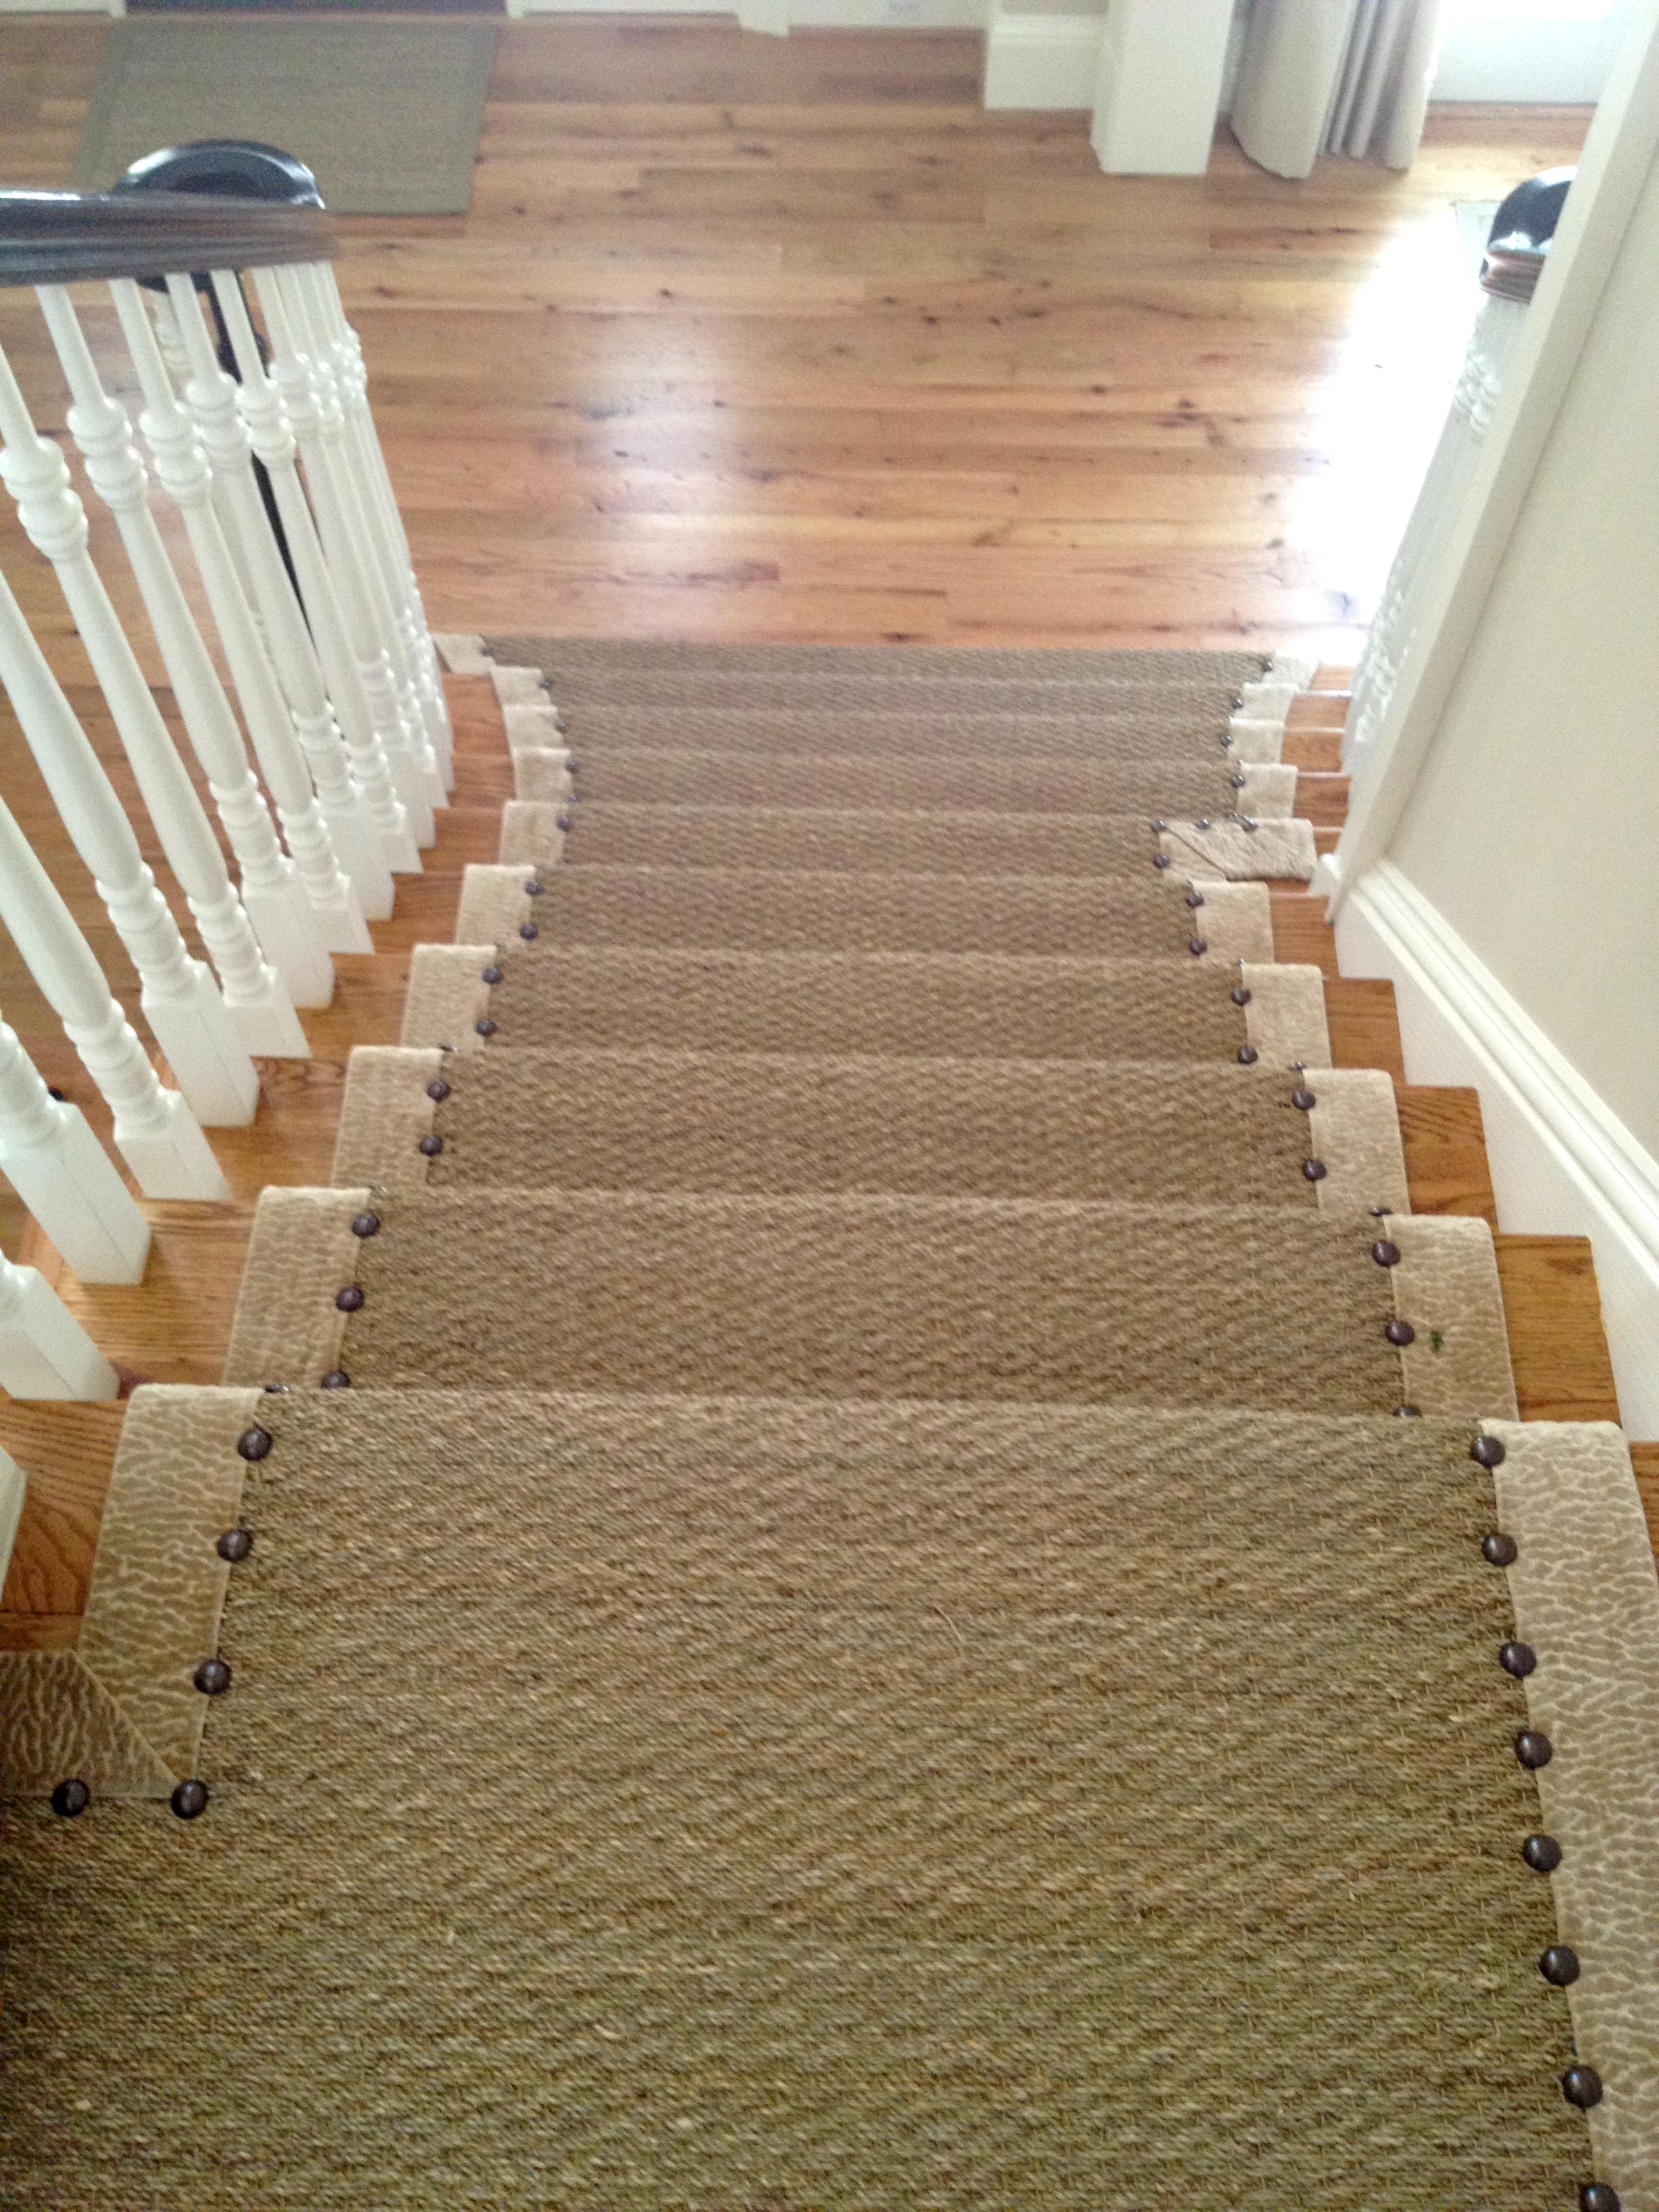 Gallery Carpet And Rug Designer In Alexandria Va